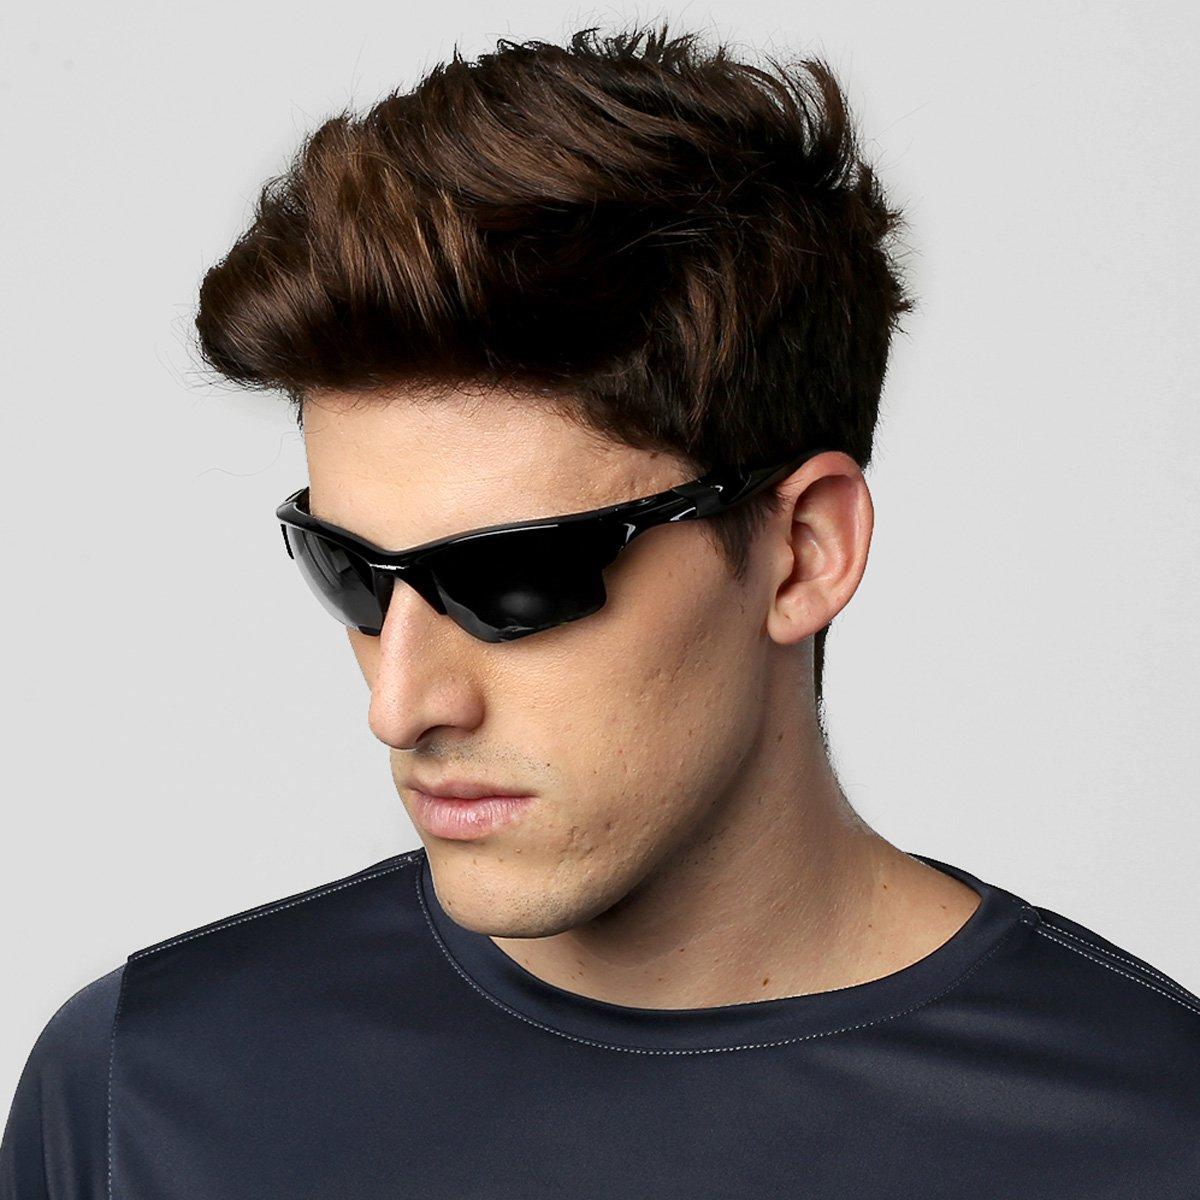 487d40c848965 Óculos Oakley Half Jacket 2.0 XL - Polarizado - Compre Agora   Netshoes